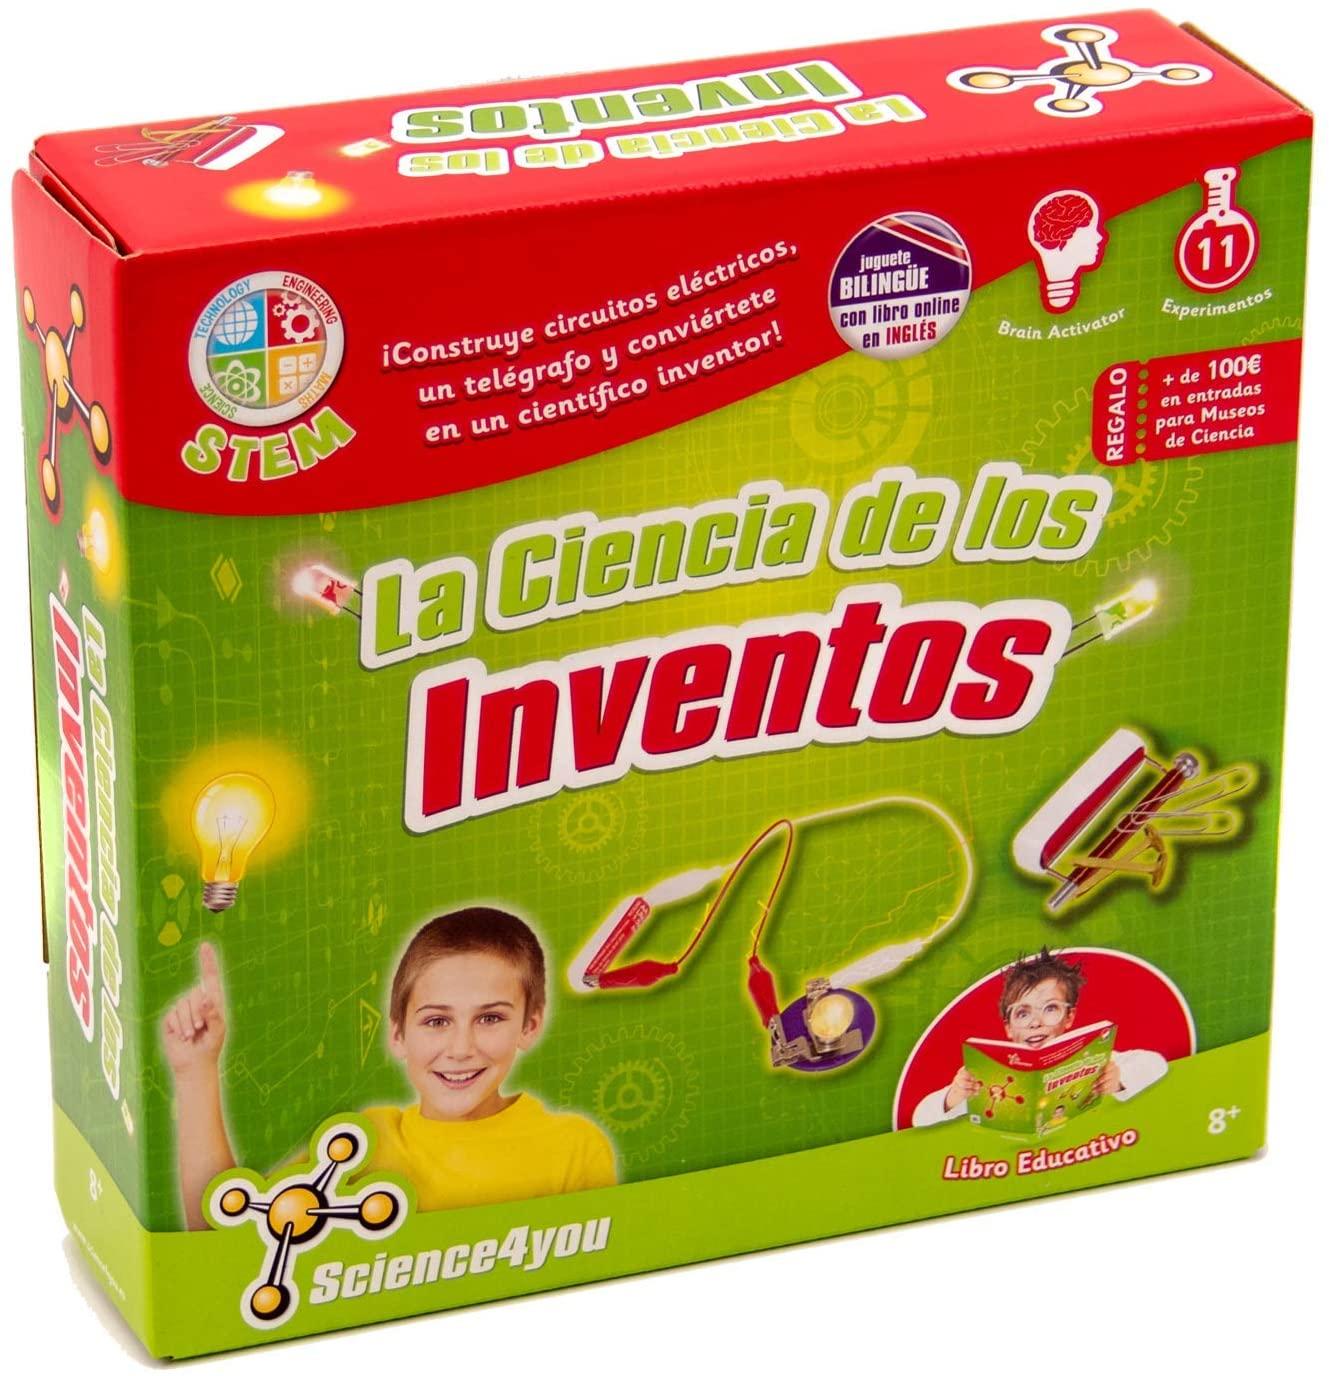 Science4you La Ciencia de Los Inventos